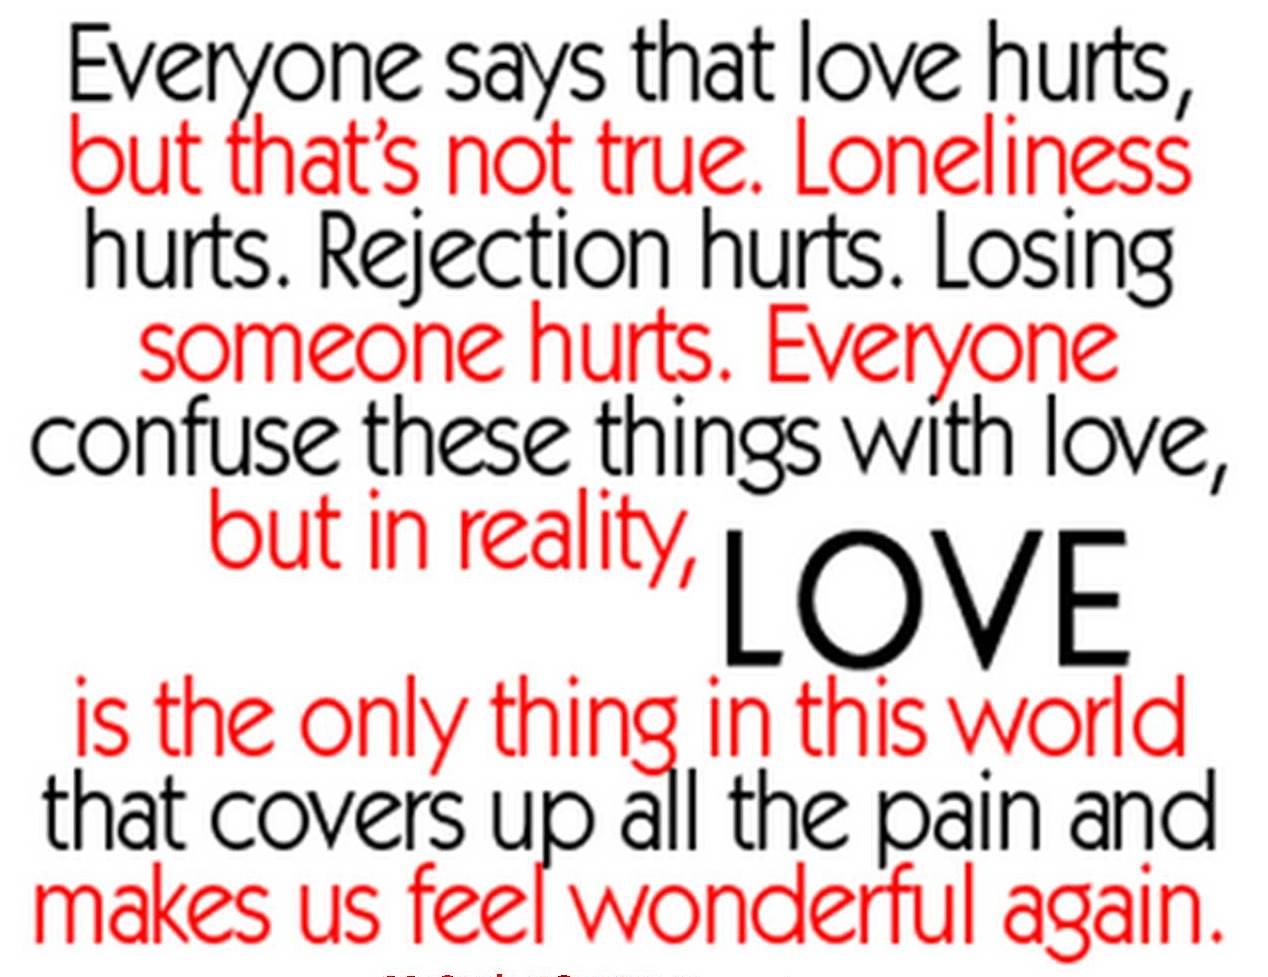 Kata Kata Mutiara Tentang Cinta Romantis